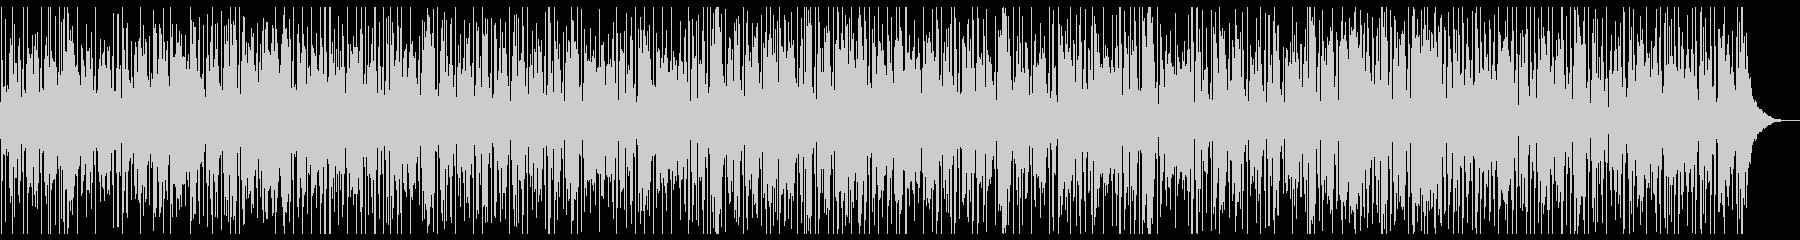 くつろぎタイムのジャズファンクの未再生の波形